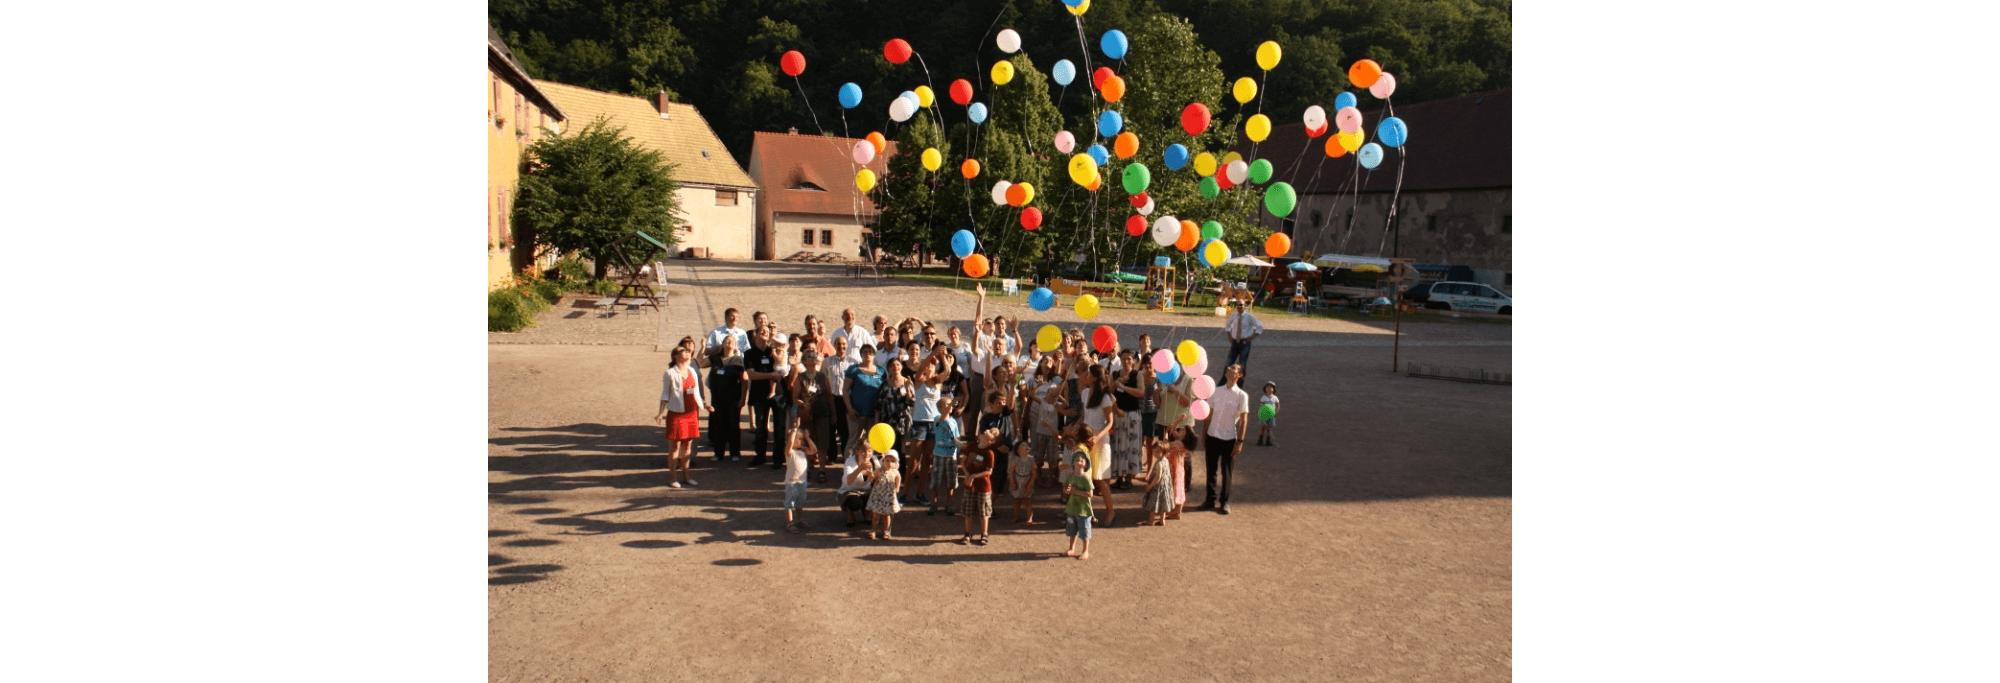 PERFEKT - familienfreundliche Unternehmen aus Sachsen - 2008-2010 (c) RKW Sachsen